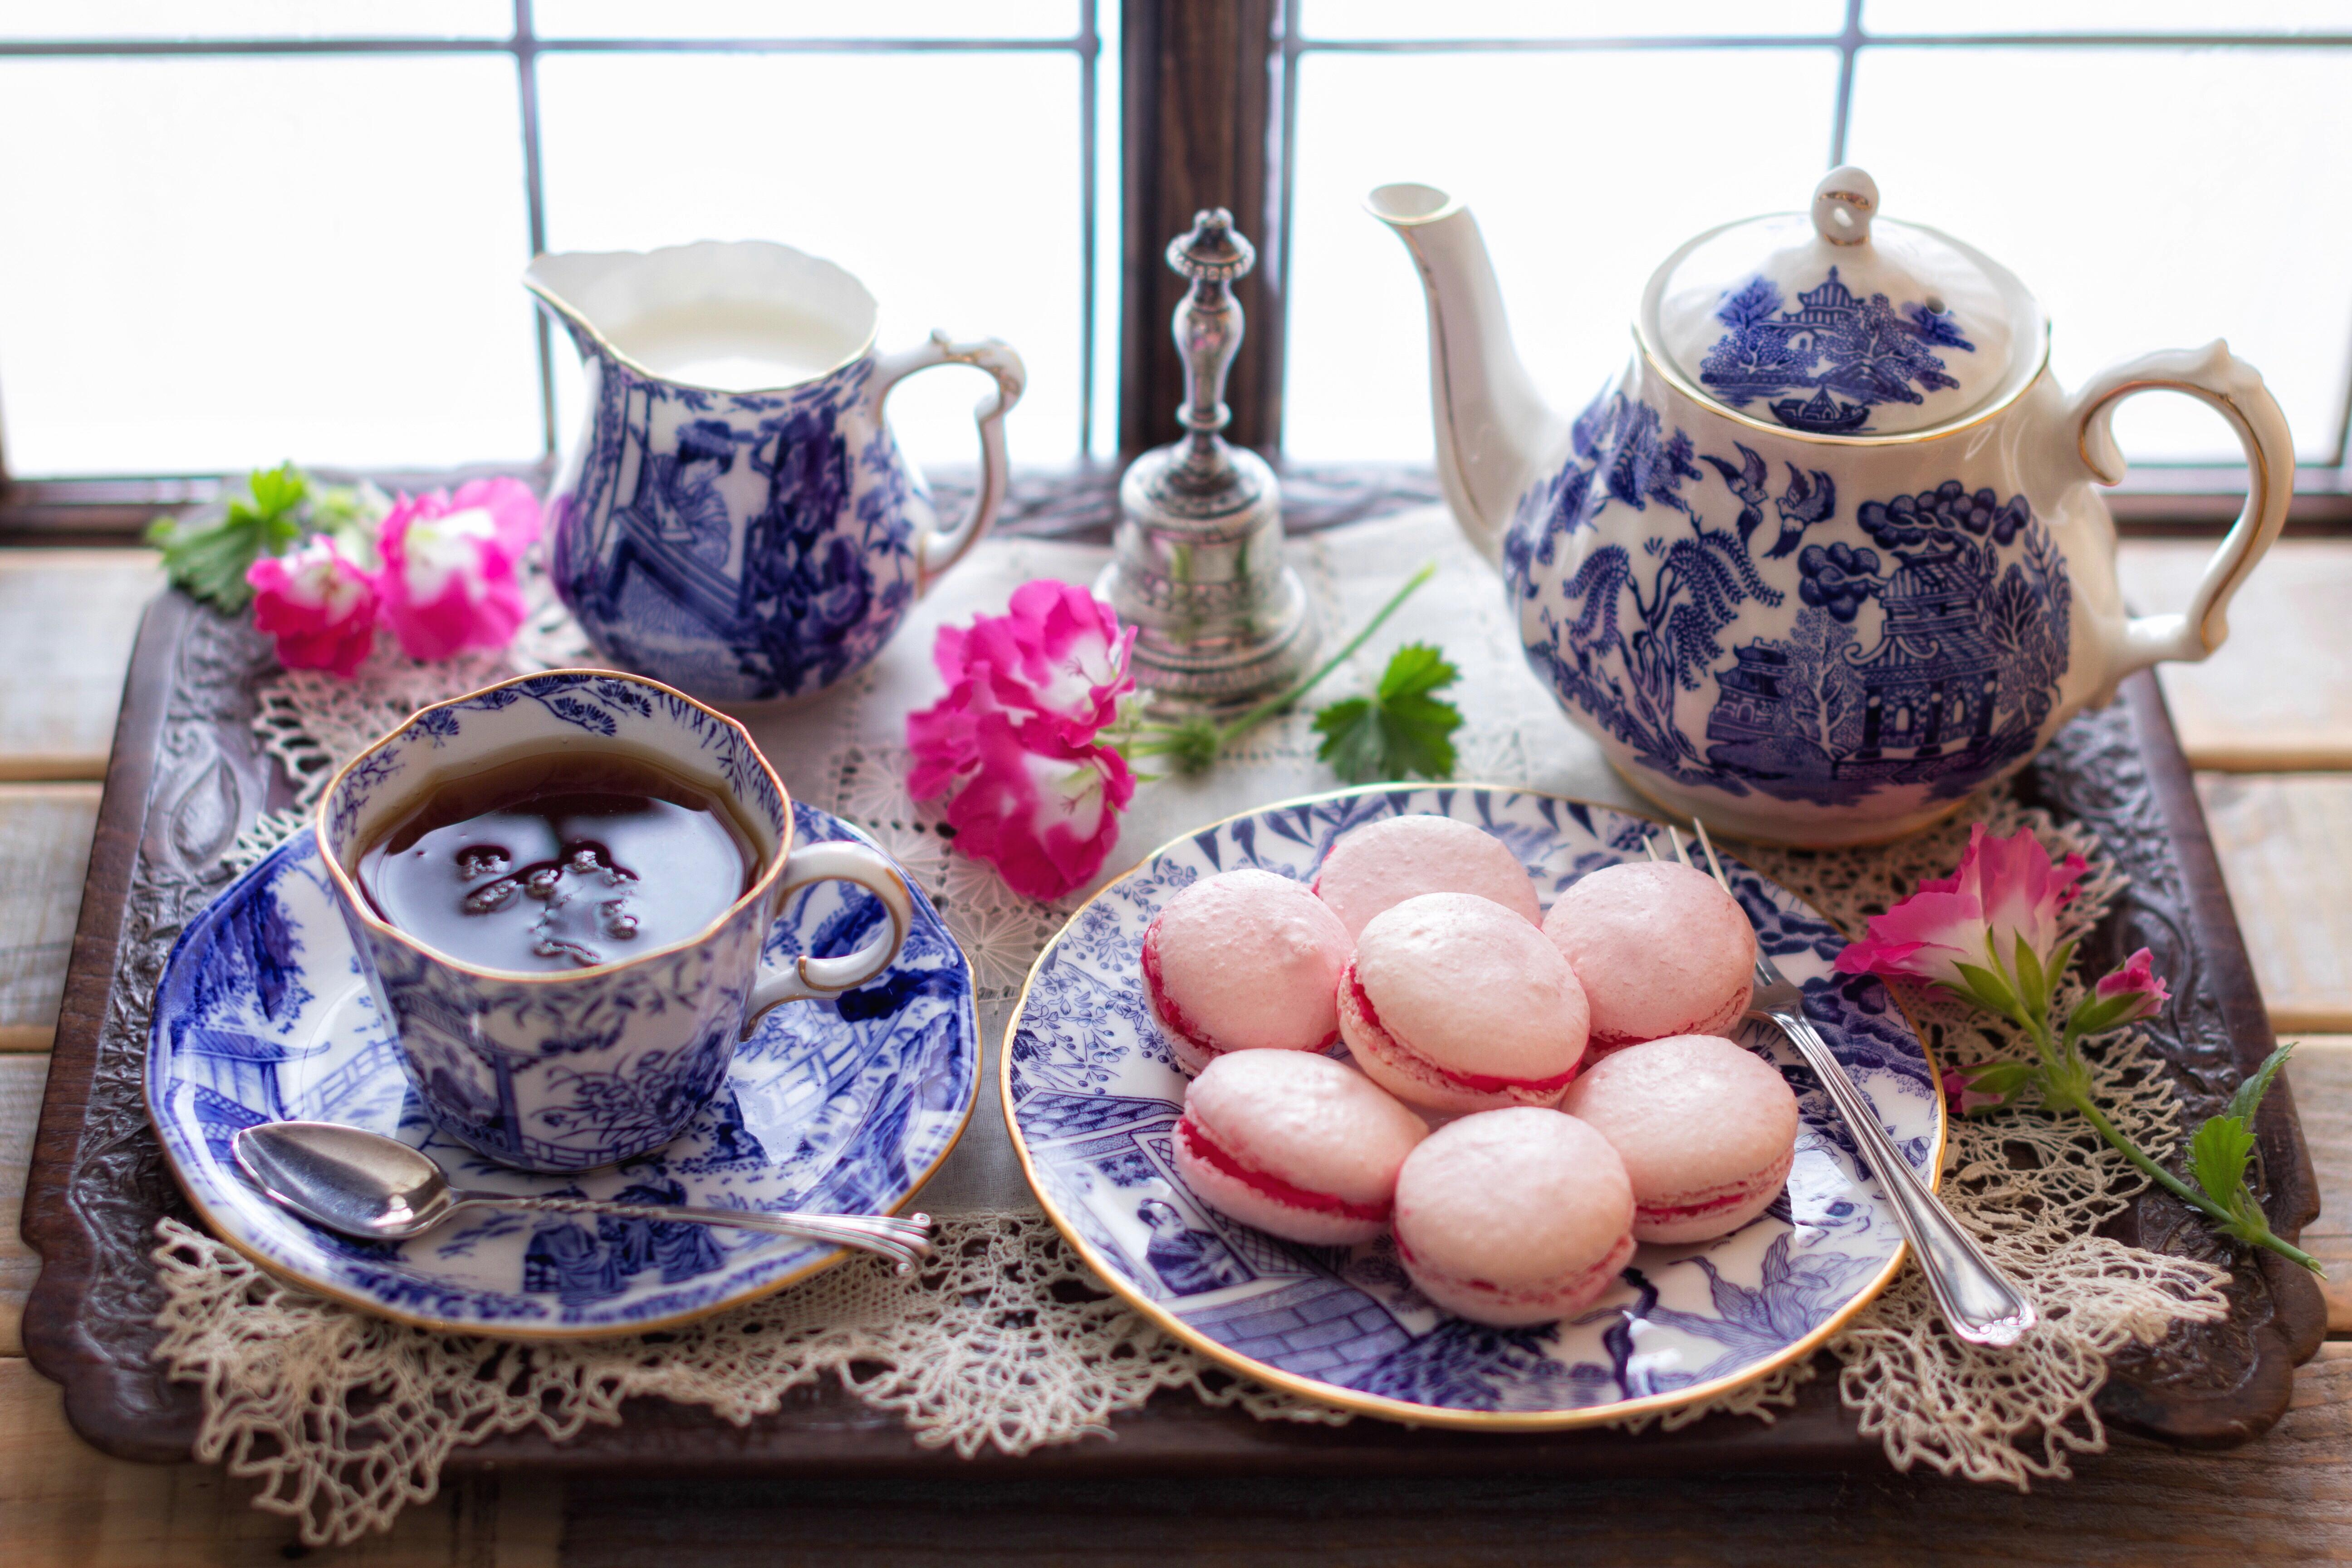 обои чайник, чай, печенье, кружка картинки фото